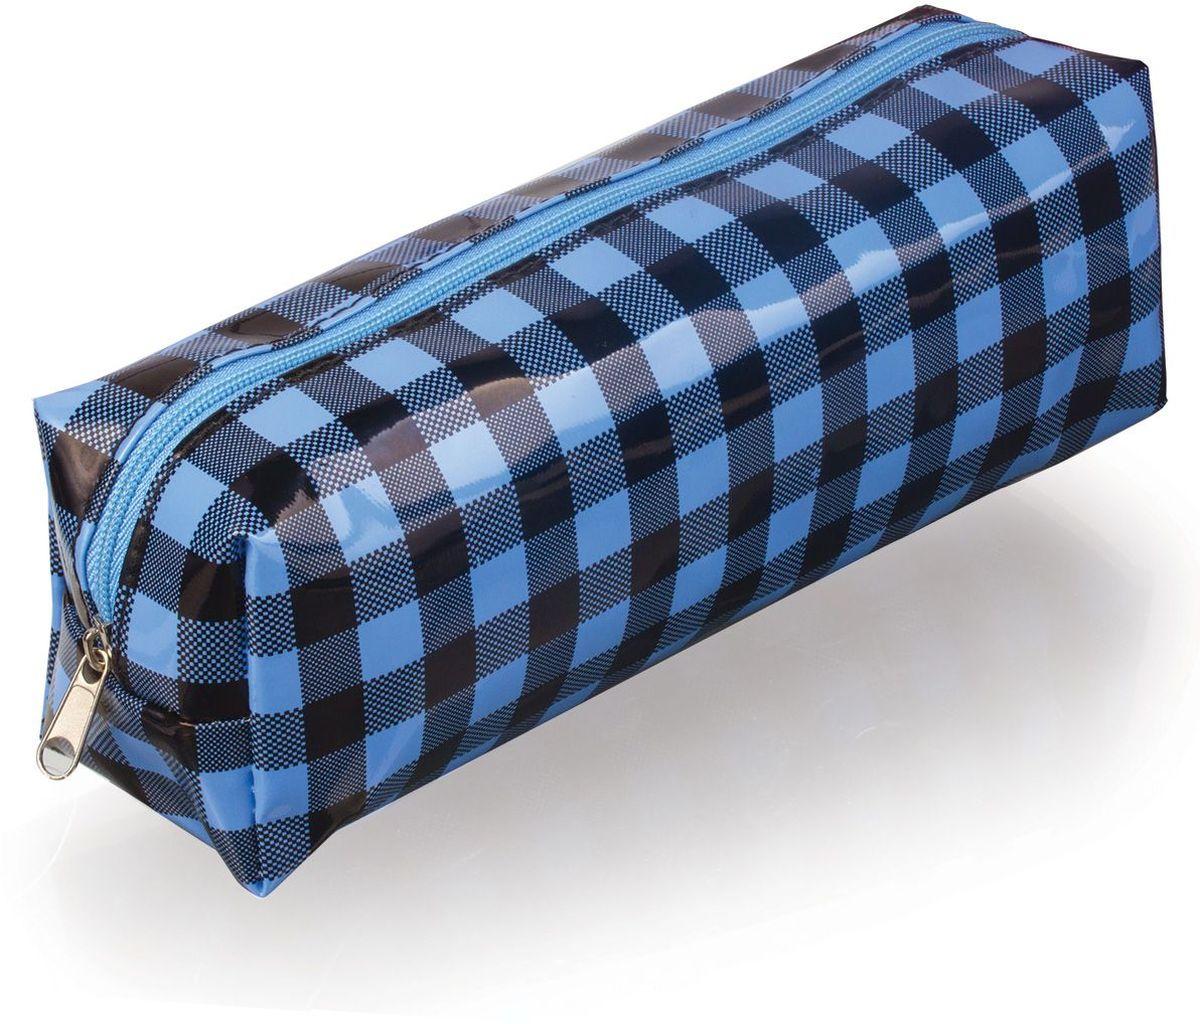 Brauberg Пенал-косметичка Клетка223271Удобный, легкий и вместительный пенал-косметичка. Клетка в черно-голубых тонах выглядит оригинально и стильно.•1 отделение. •Материал - ПВХ. •Размер: 20х6х5 см.